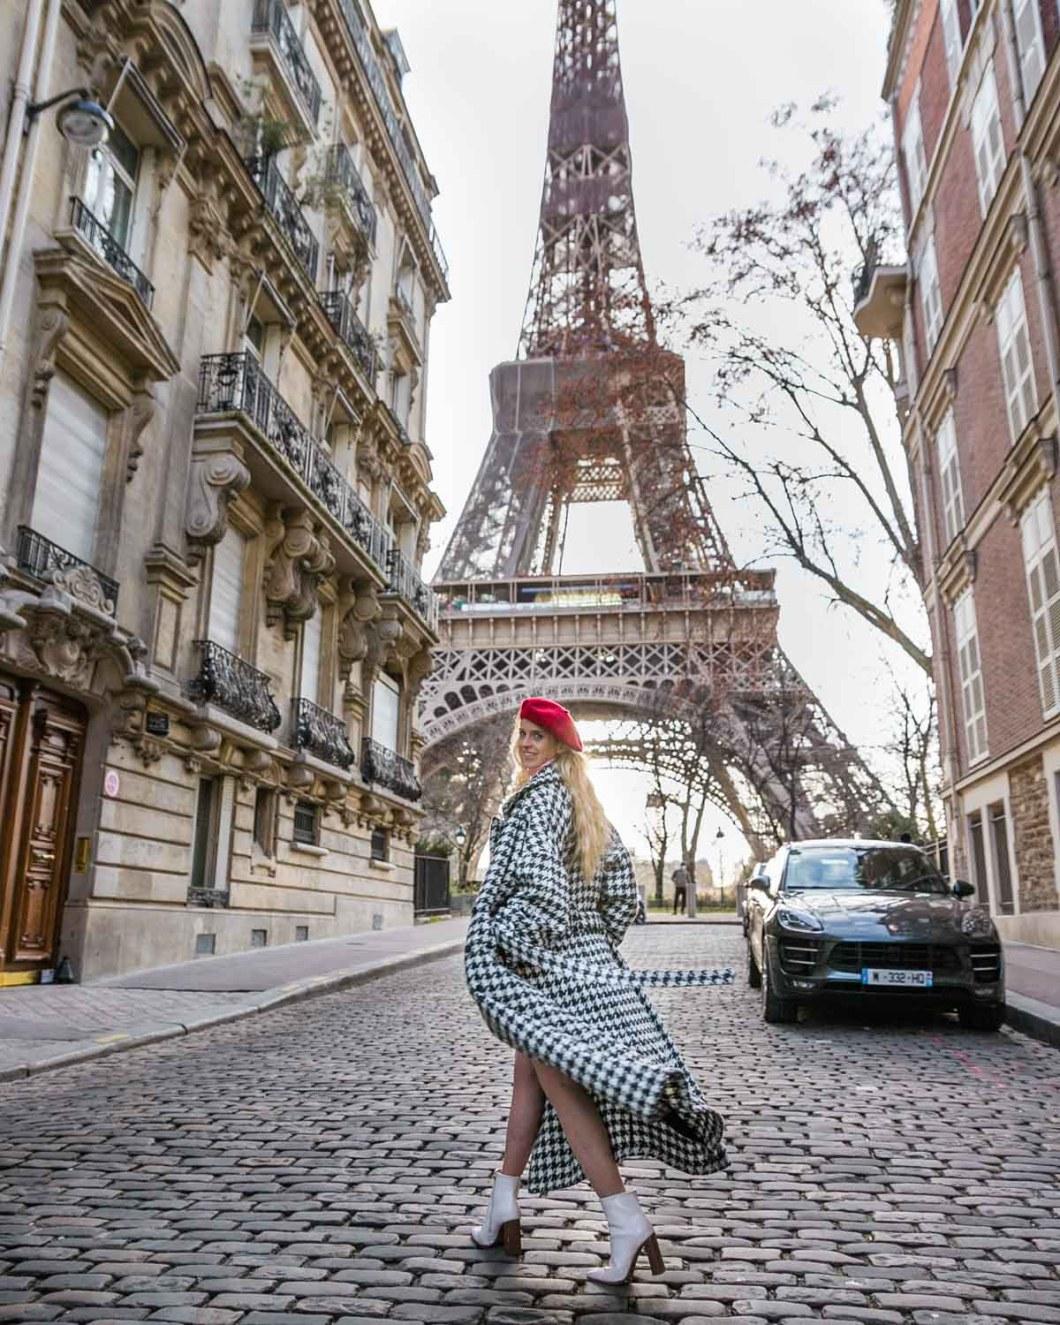 Rue de l'Université with the Eiffel Tower